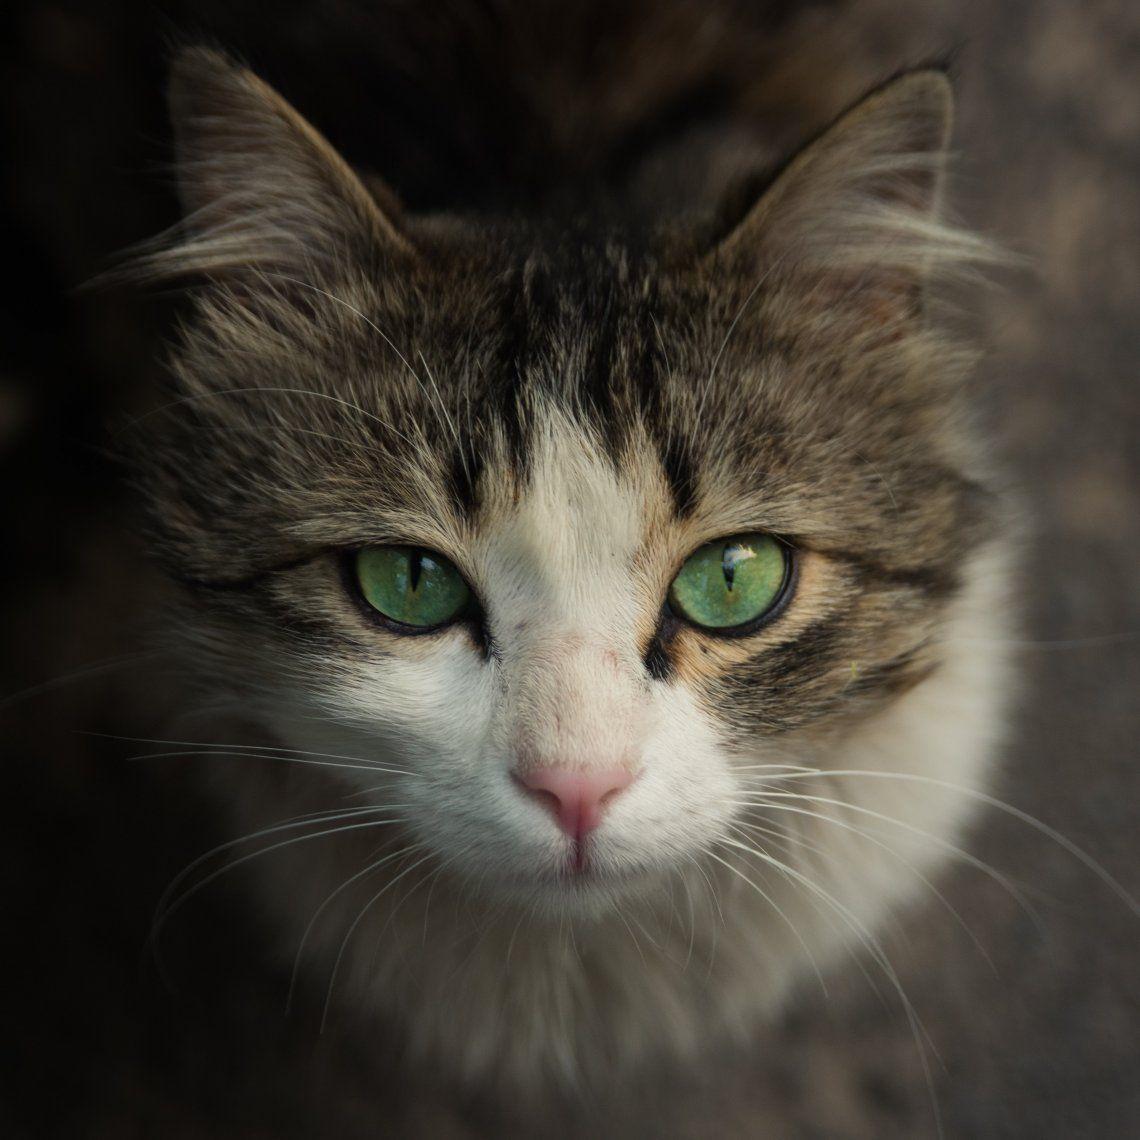 Además del 20 de febrero, agosto y octubre son meses en los que se celebra a los gatos.